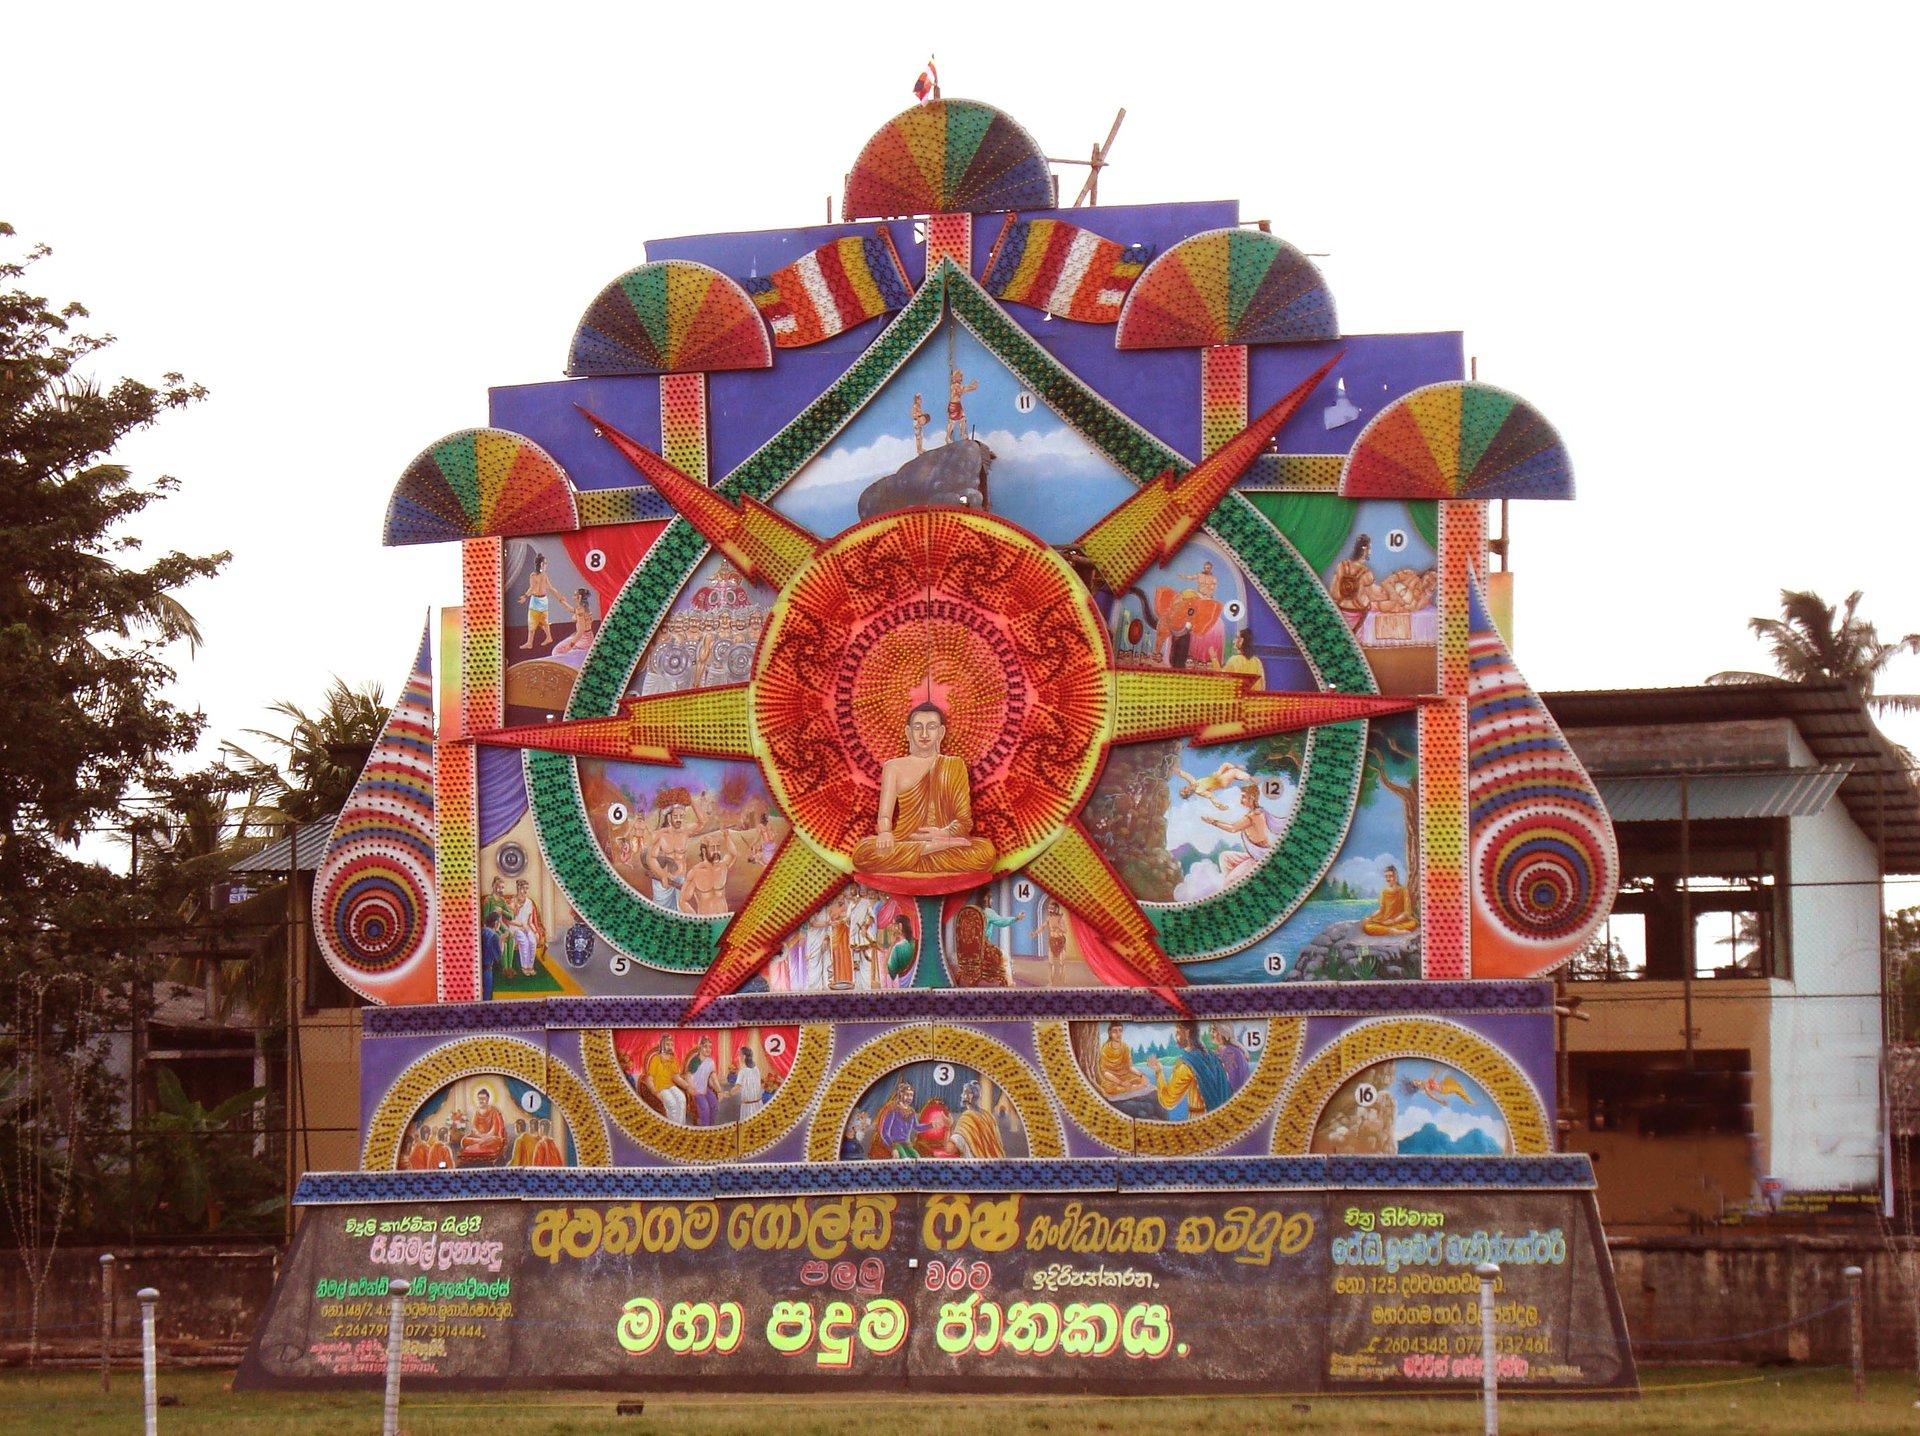 Poson Poya in Sri Lanka - Best Season 2020